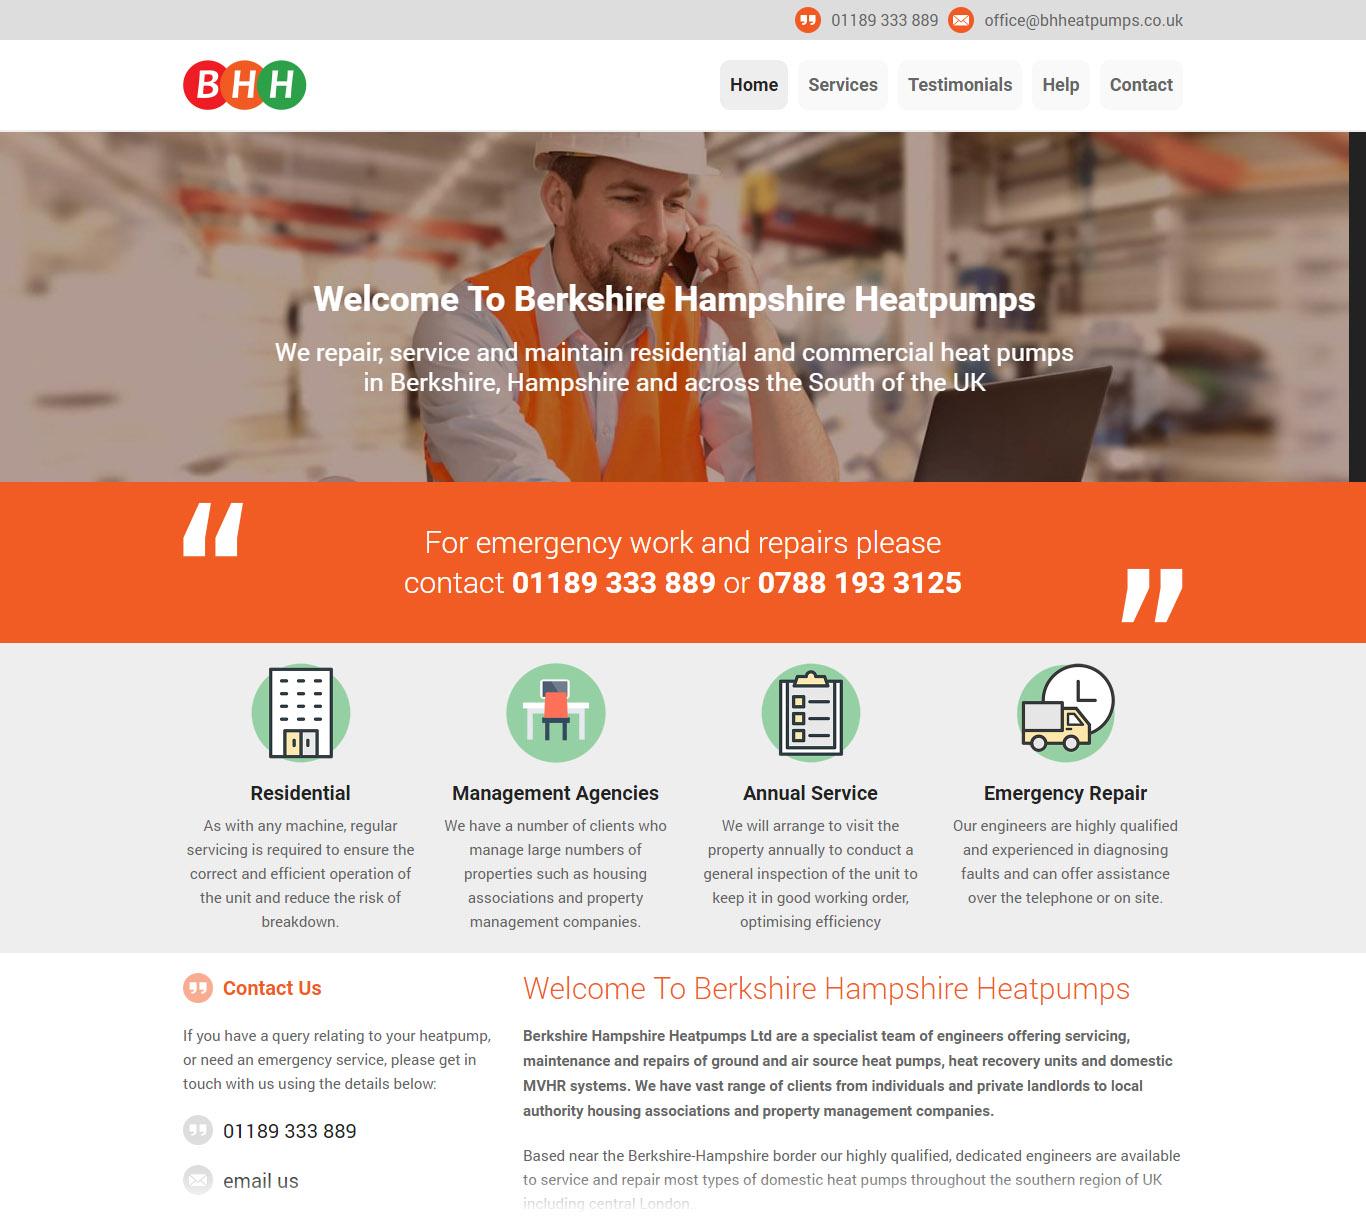 berkshire-heatpumps-website-design